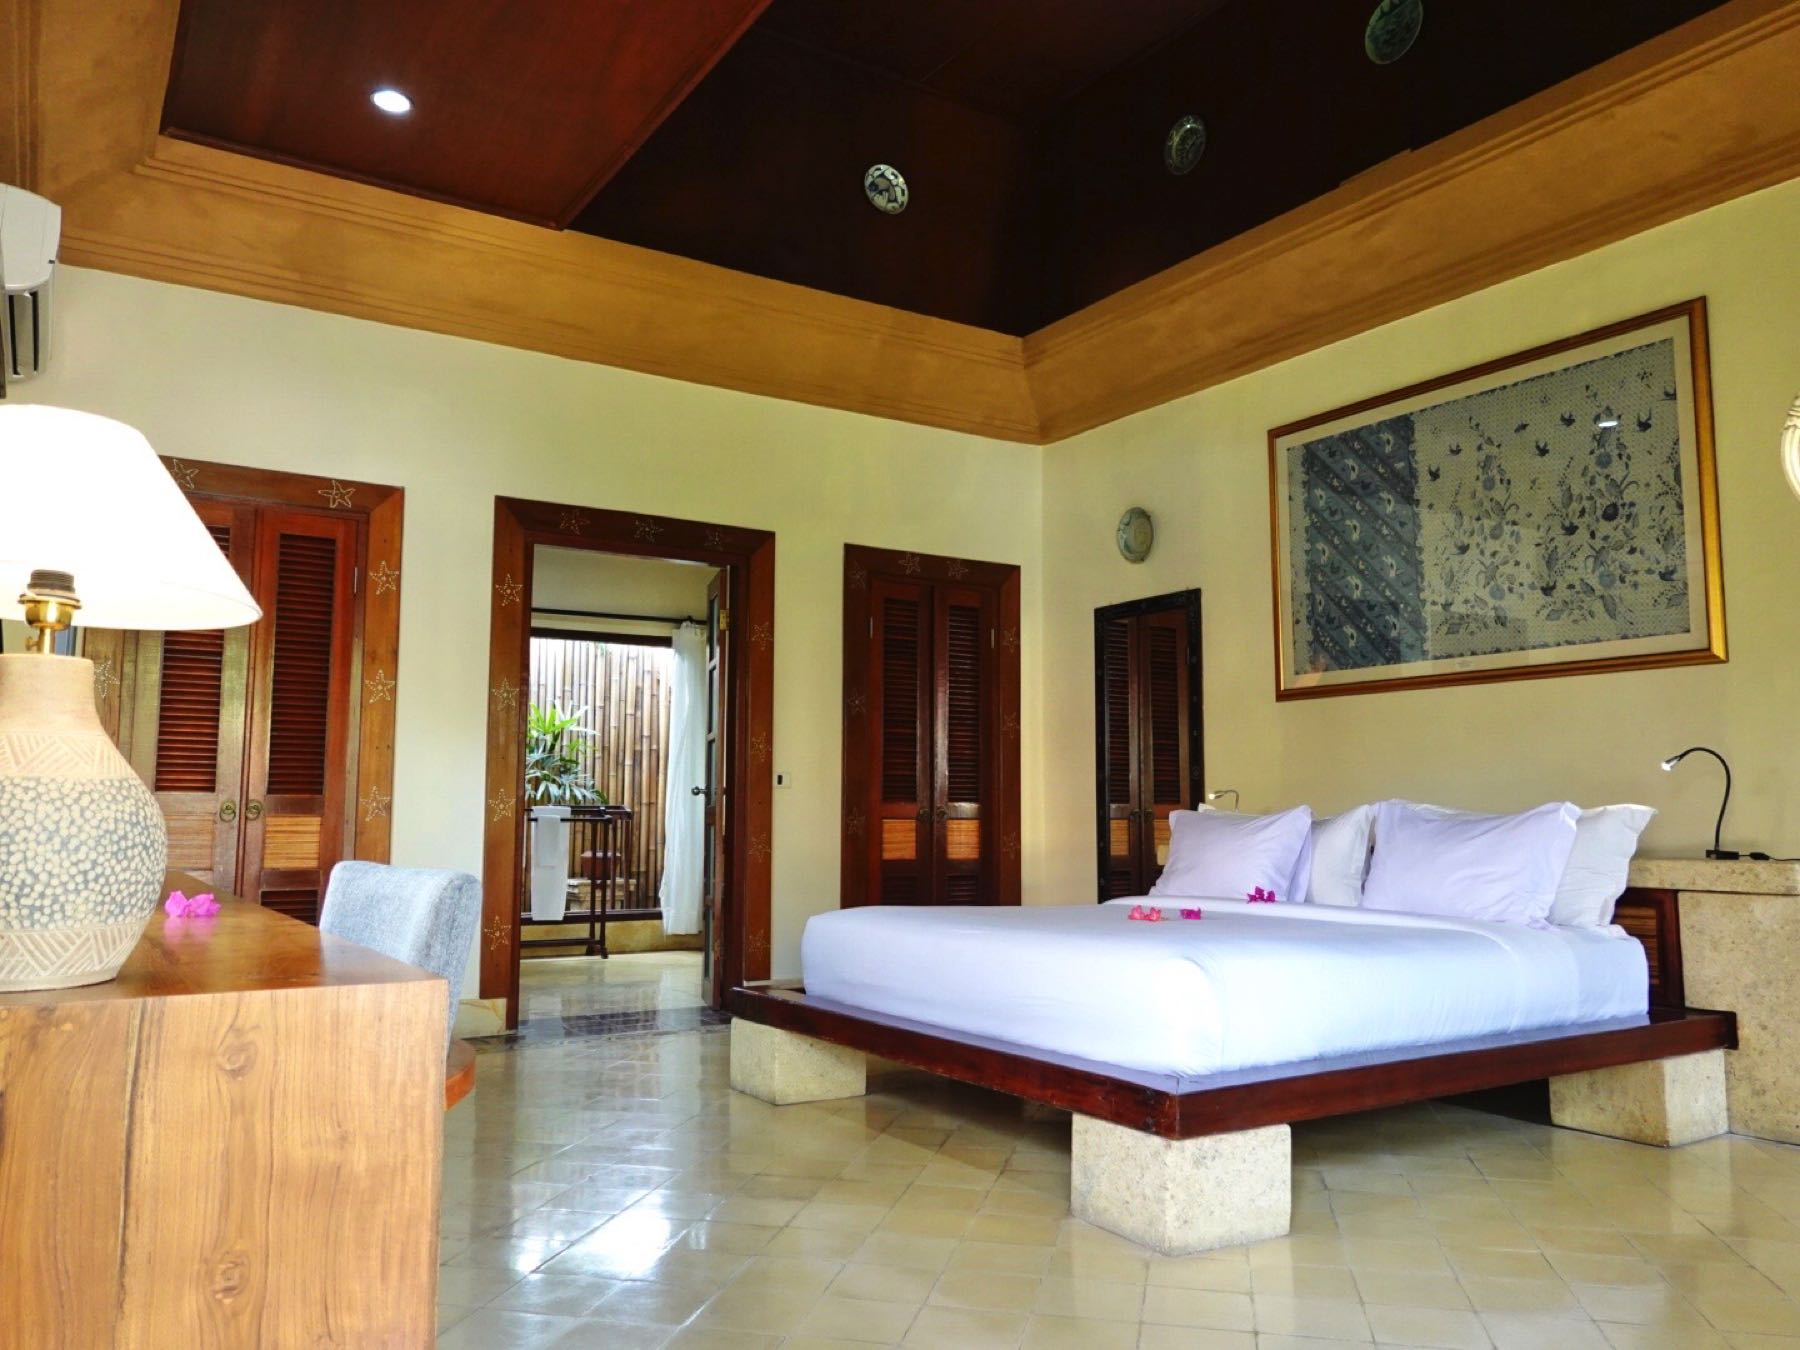 villa almarik room on gili trawangan